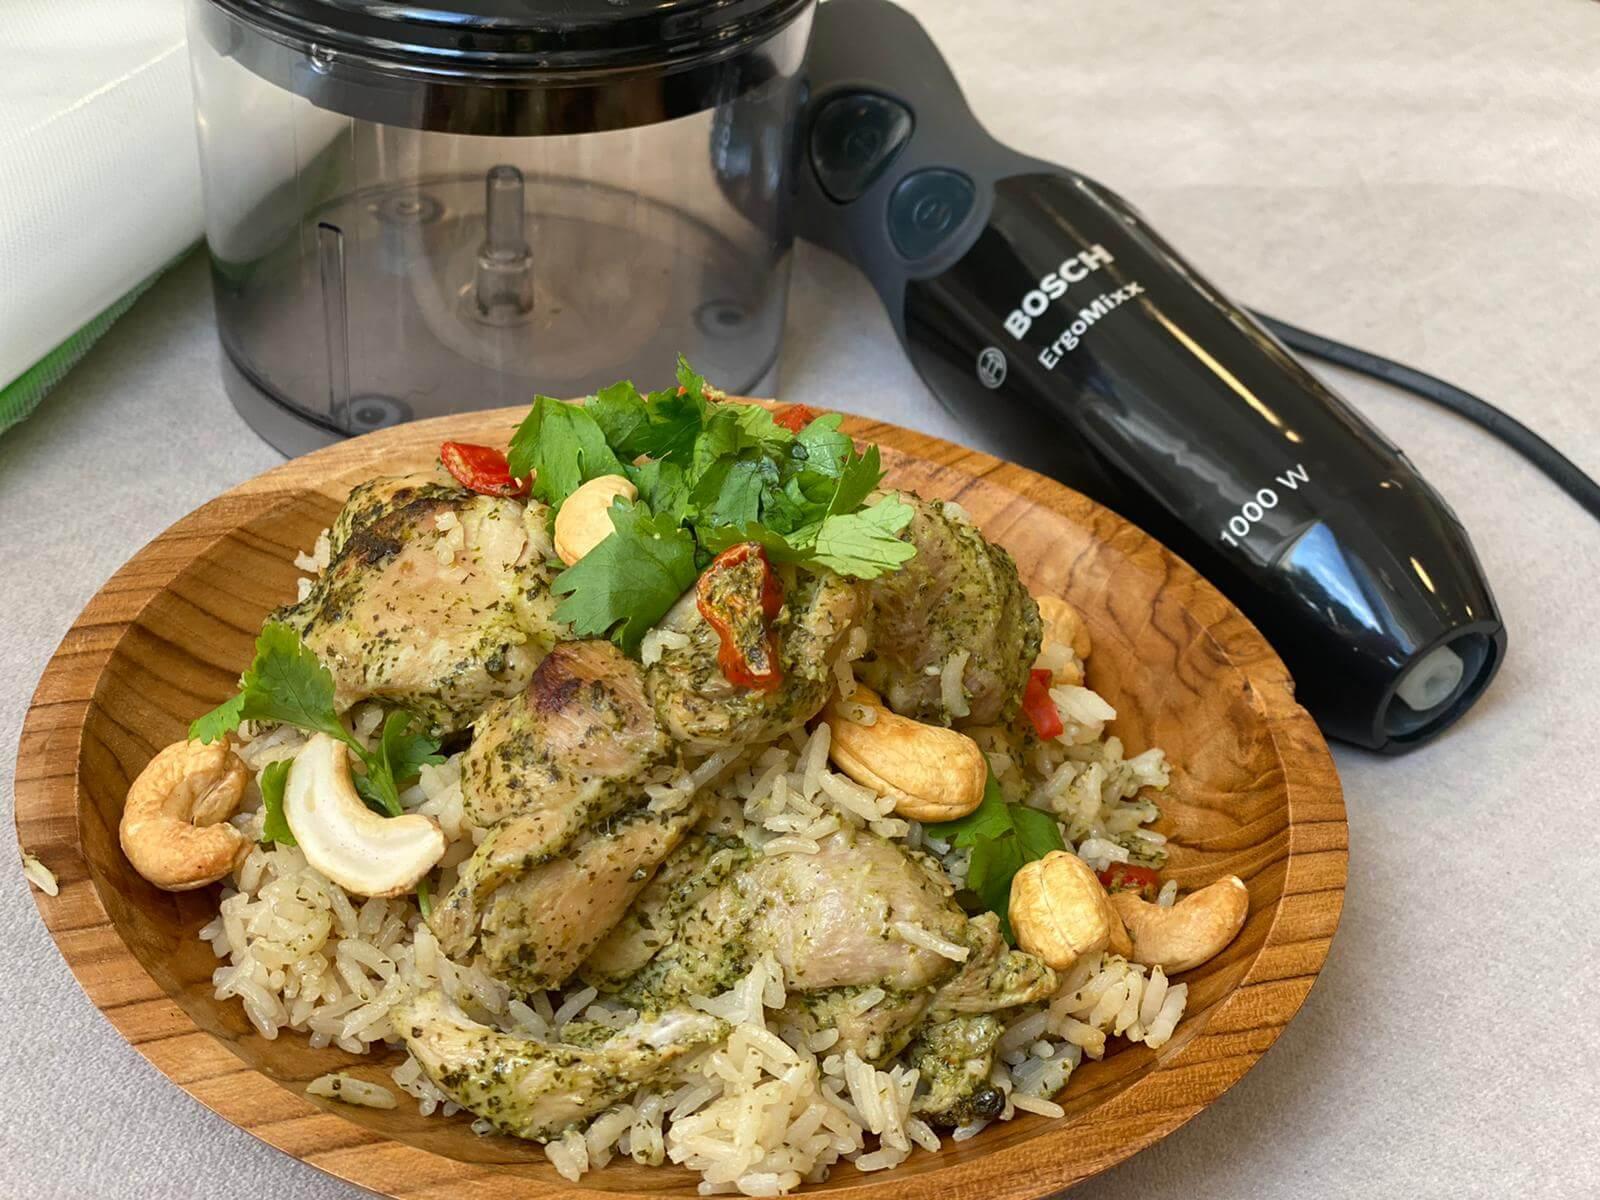 פרגיות ואורז בתנור במרינדה אסיאתית. צילום: דניאל עמית